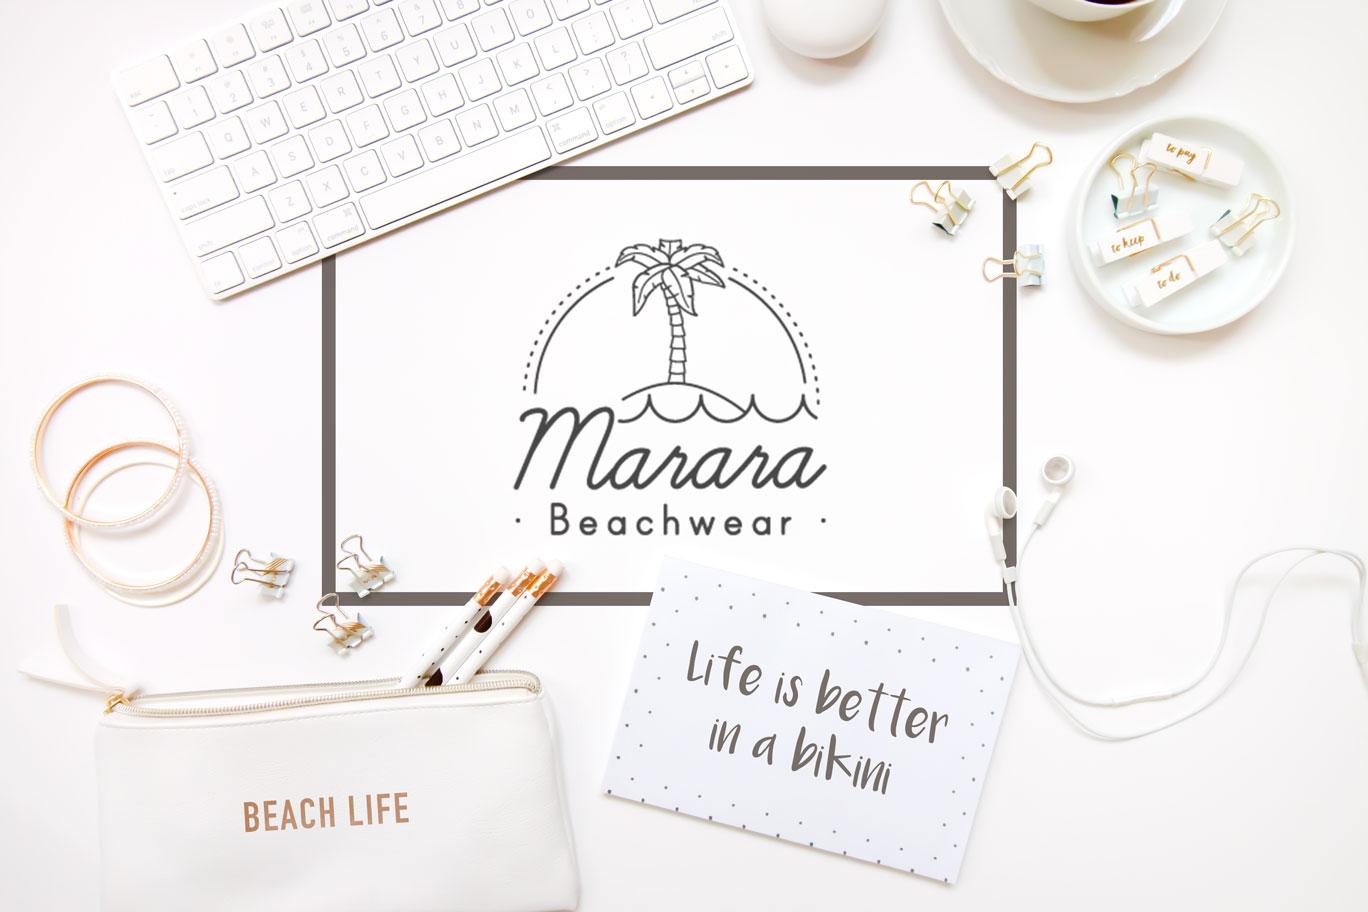 marara beachwear branding Piña Studi